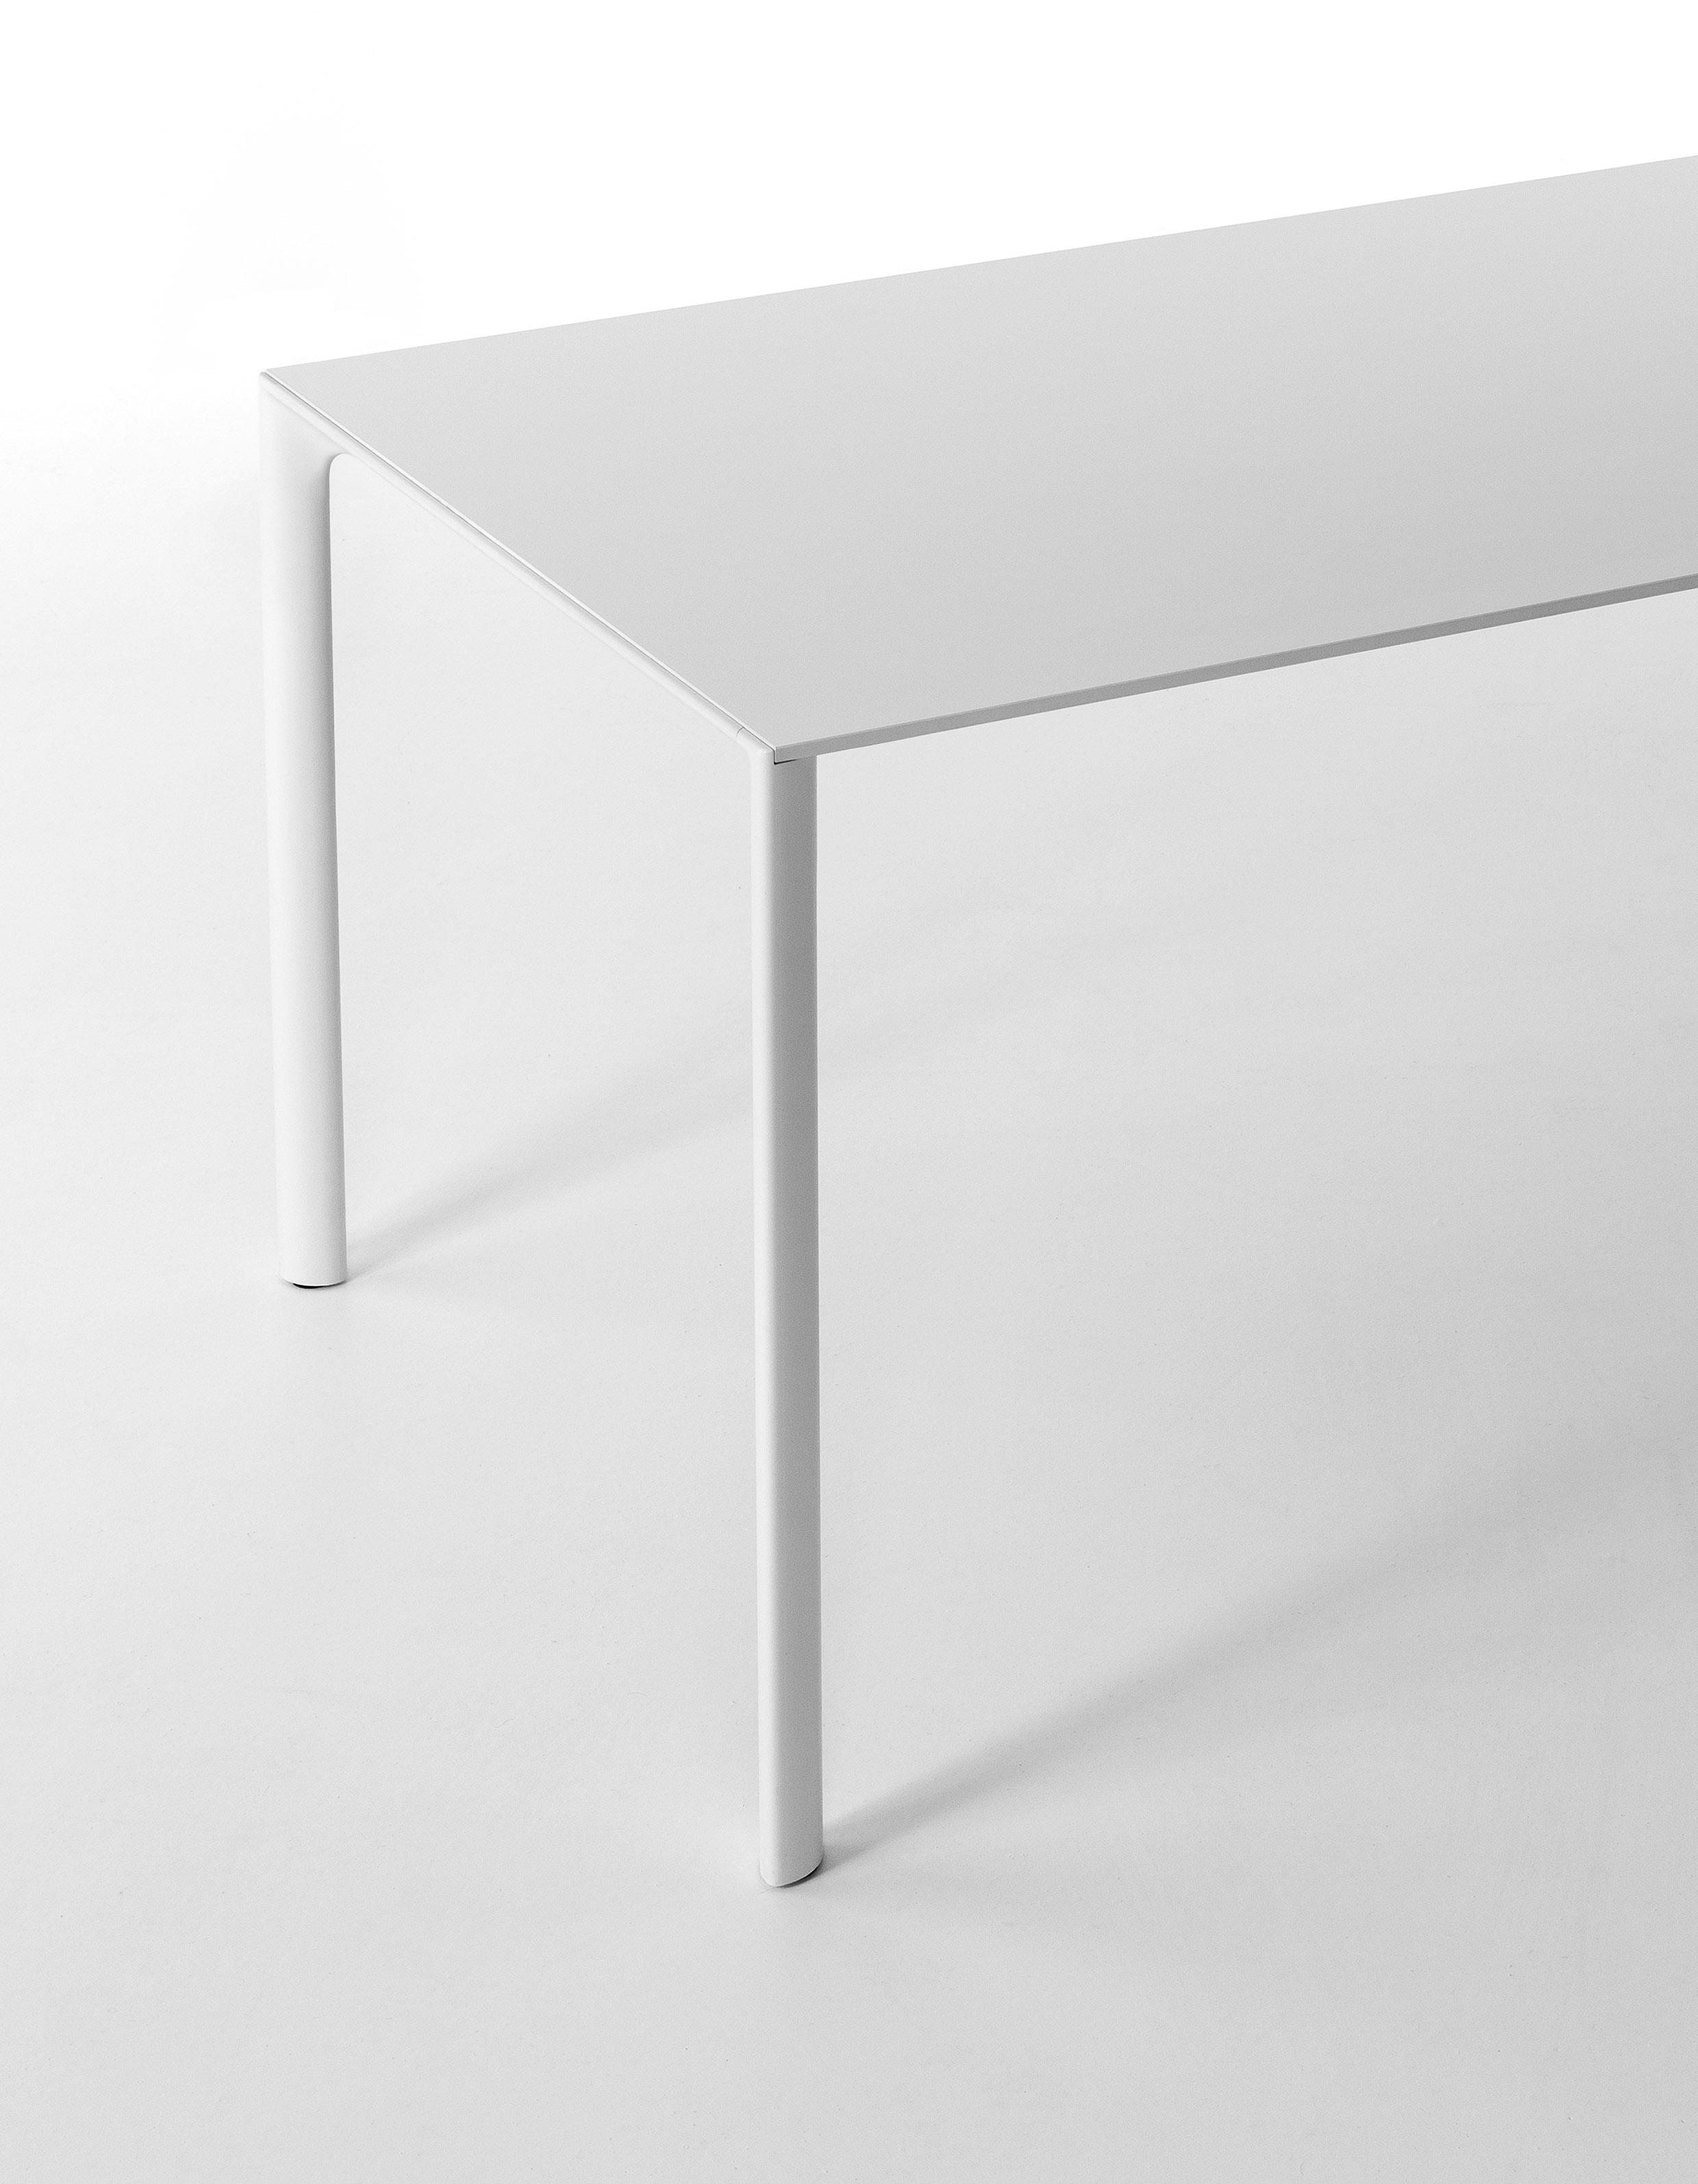 Aosta - Moderne tafel